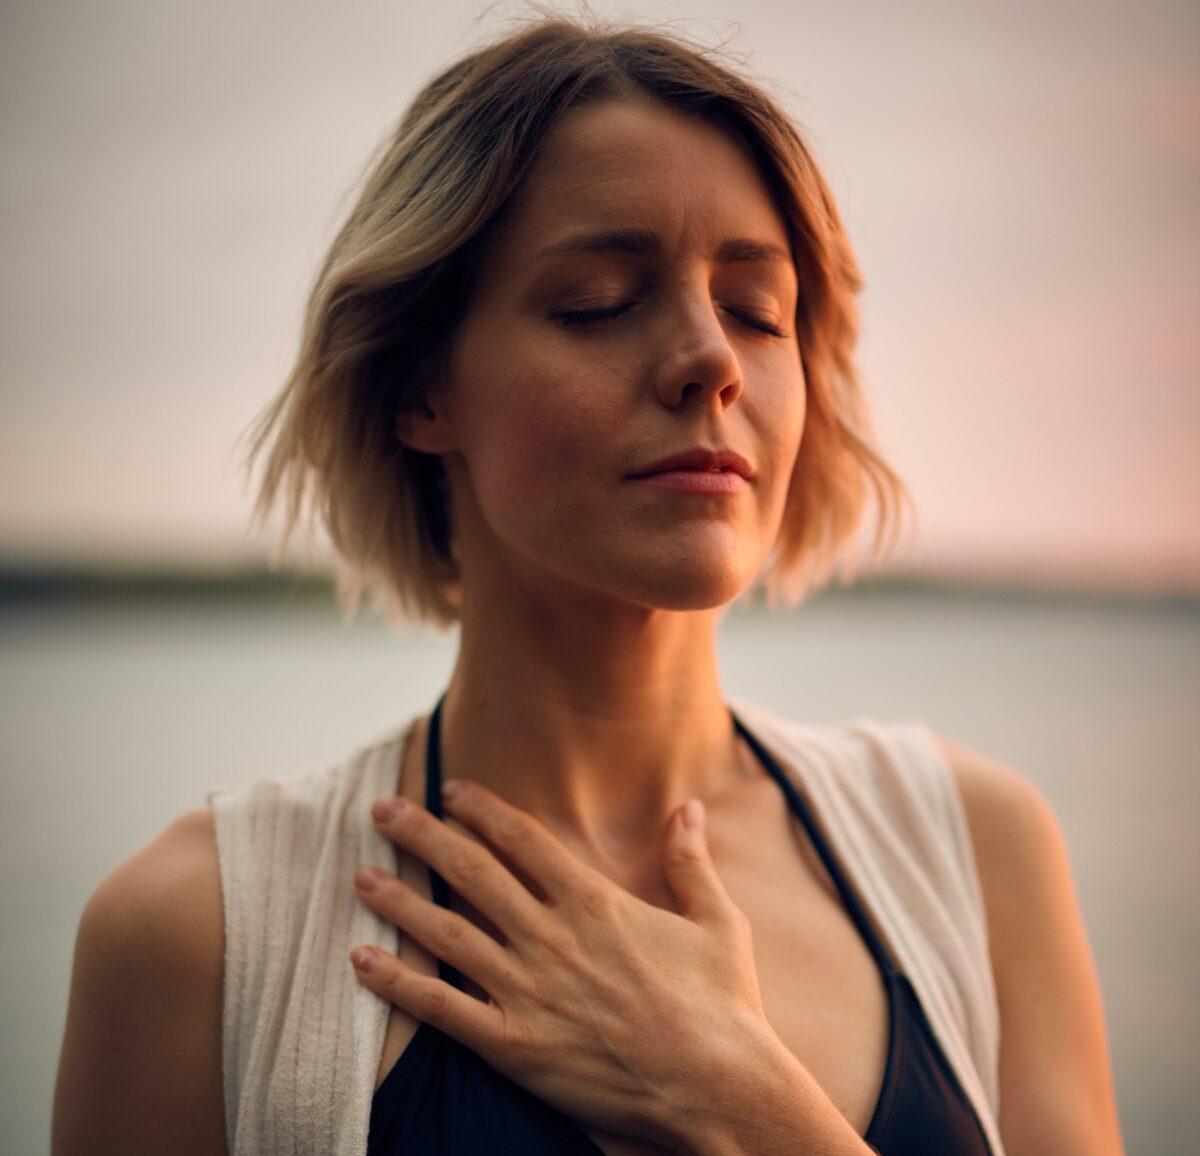 Kun osaat hengittää, opit rakastamaan